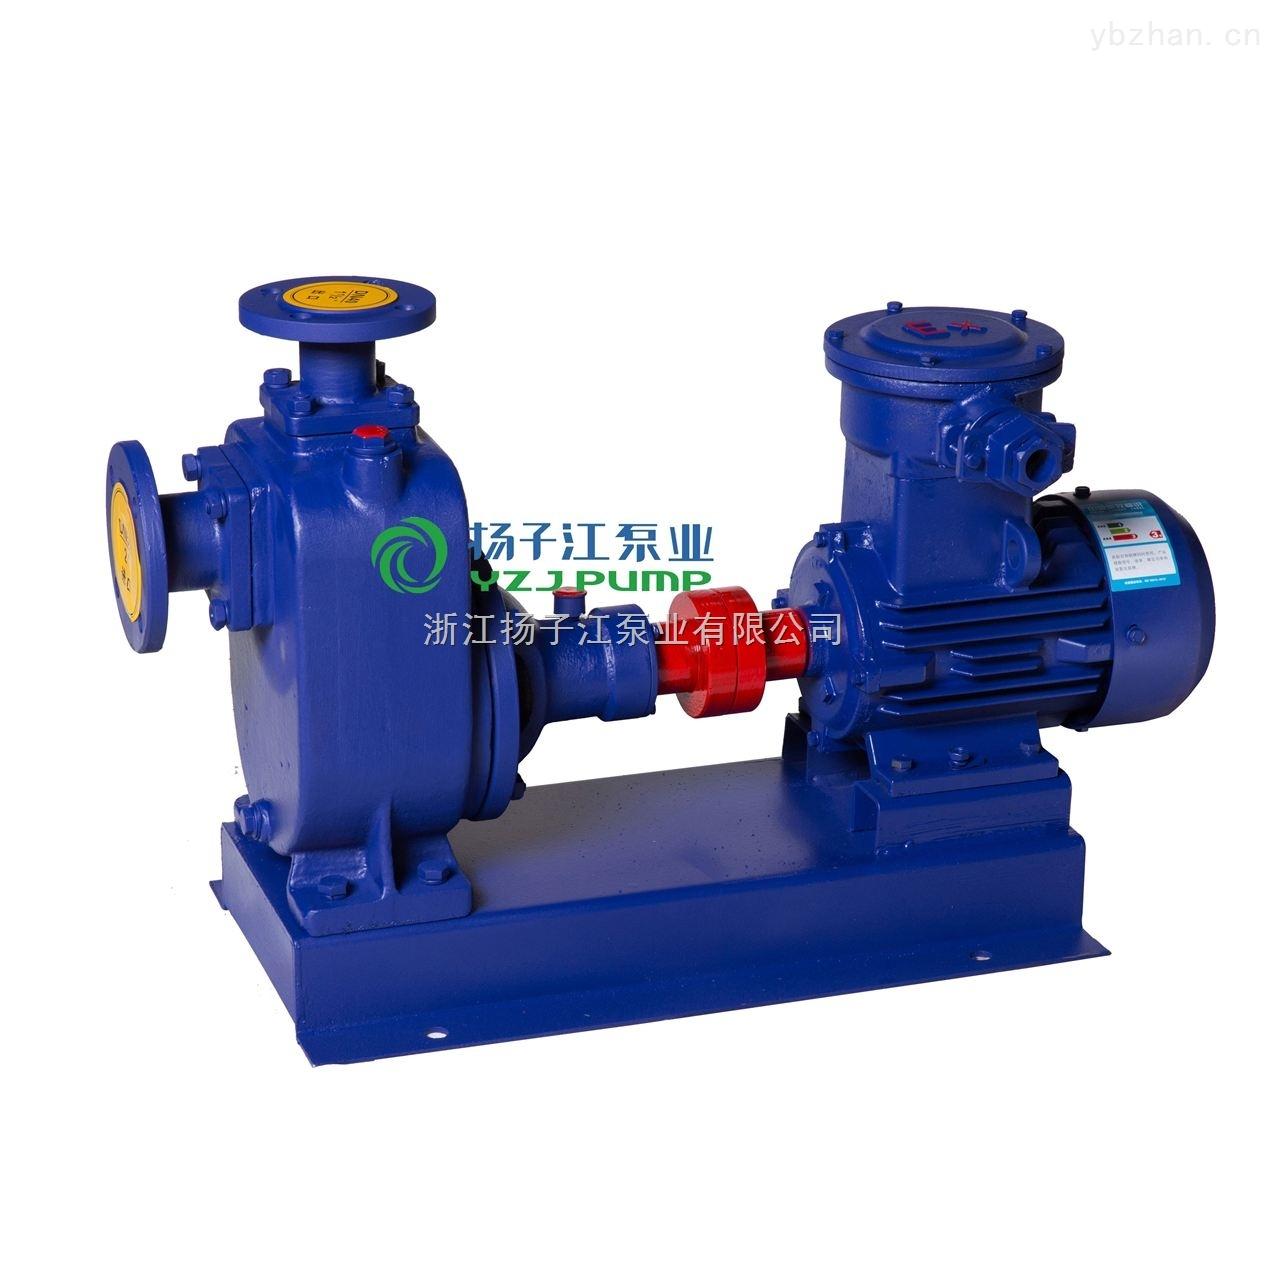 油泵:CYZ-A型防爆铜叶轮自吸式离心油泵